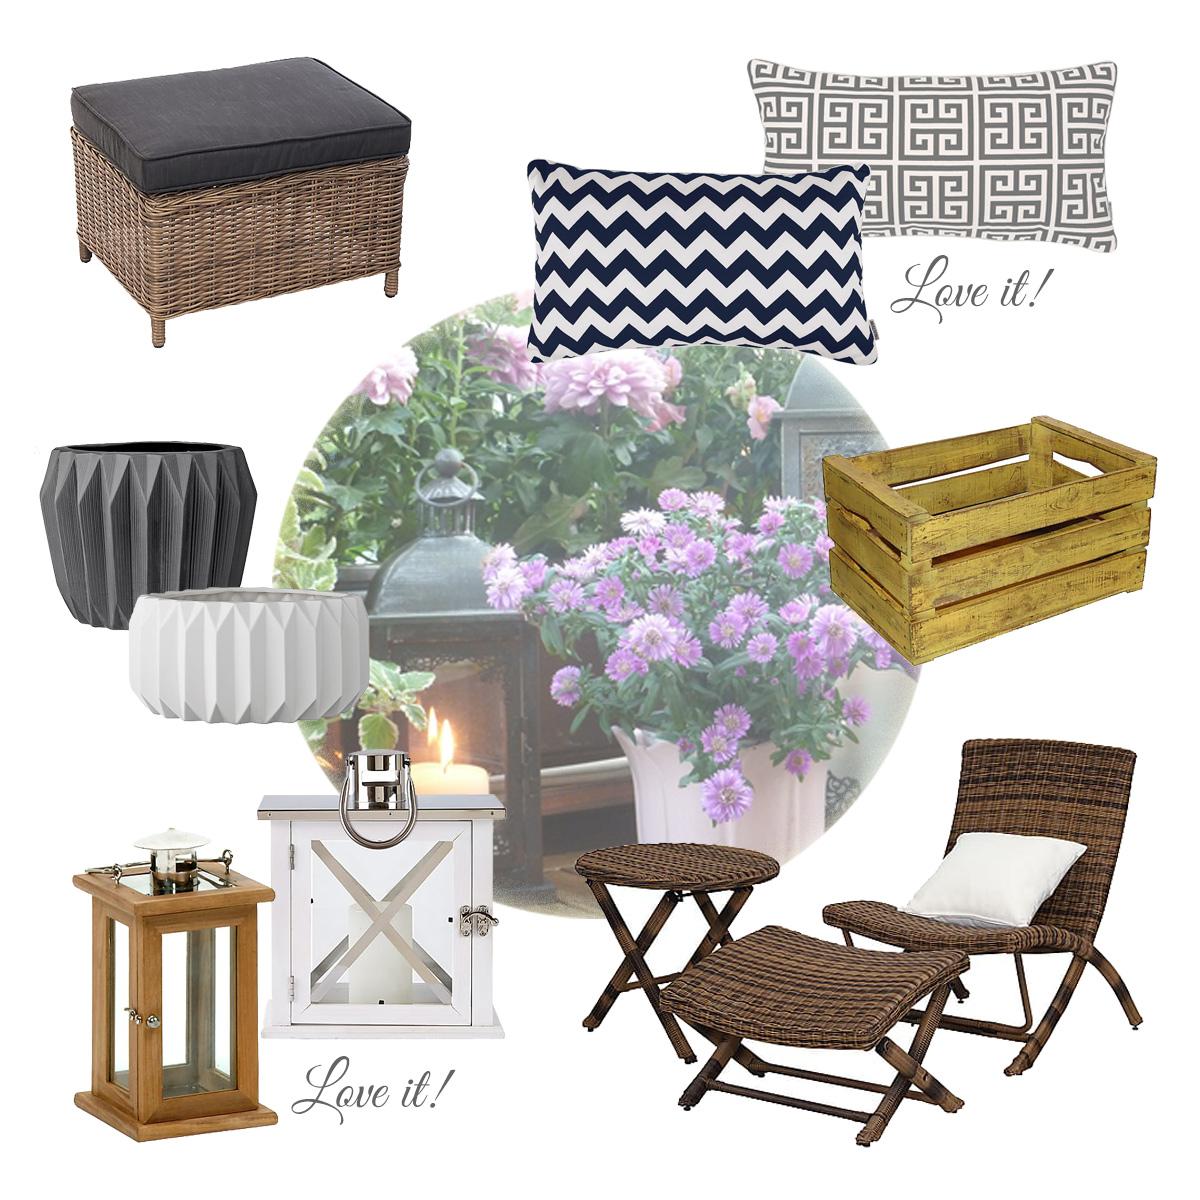 projekt balkon cz 1 inspiracje kameralna. Black Bedroom Furniture Sets. Home Design Ideas